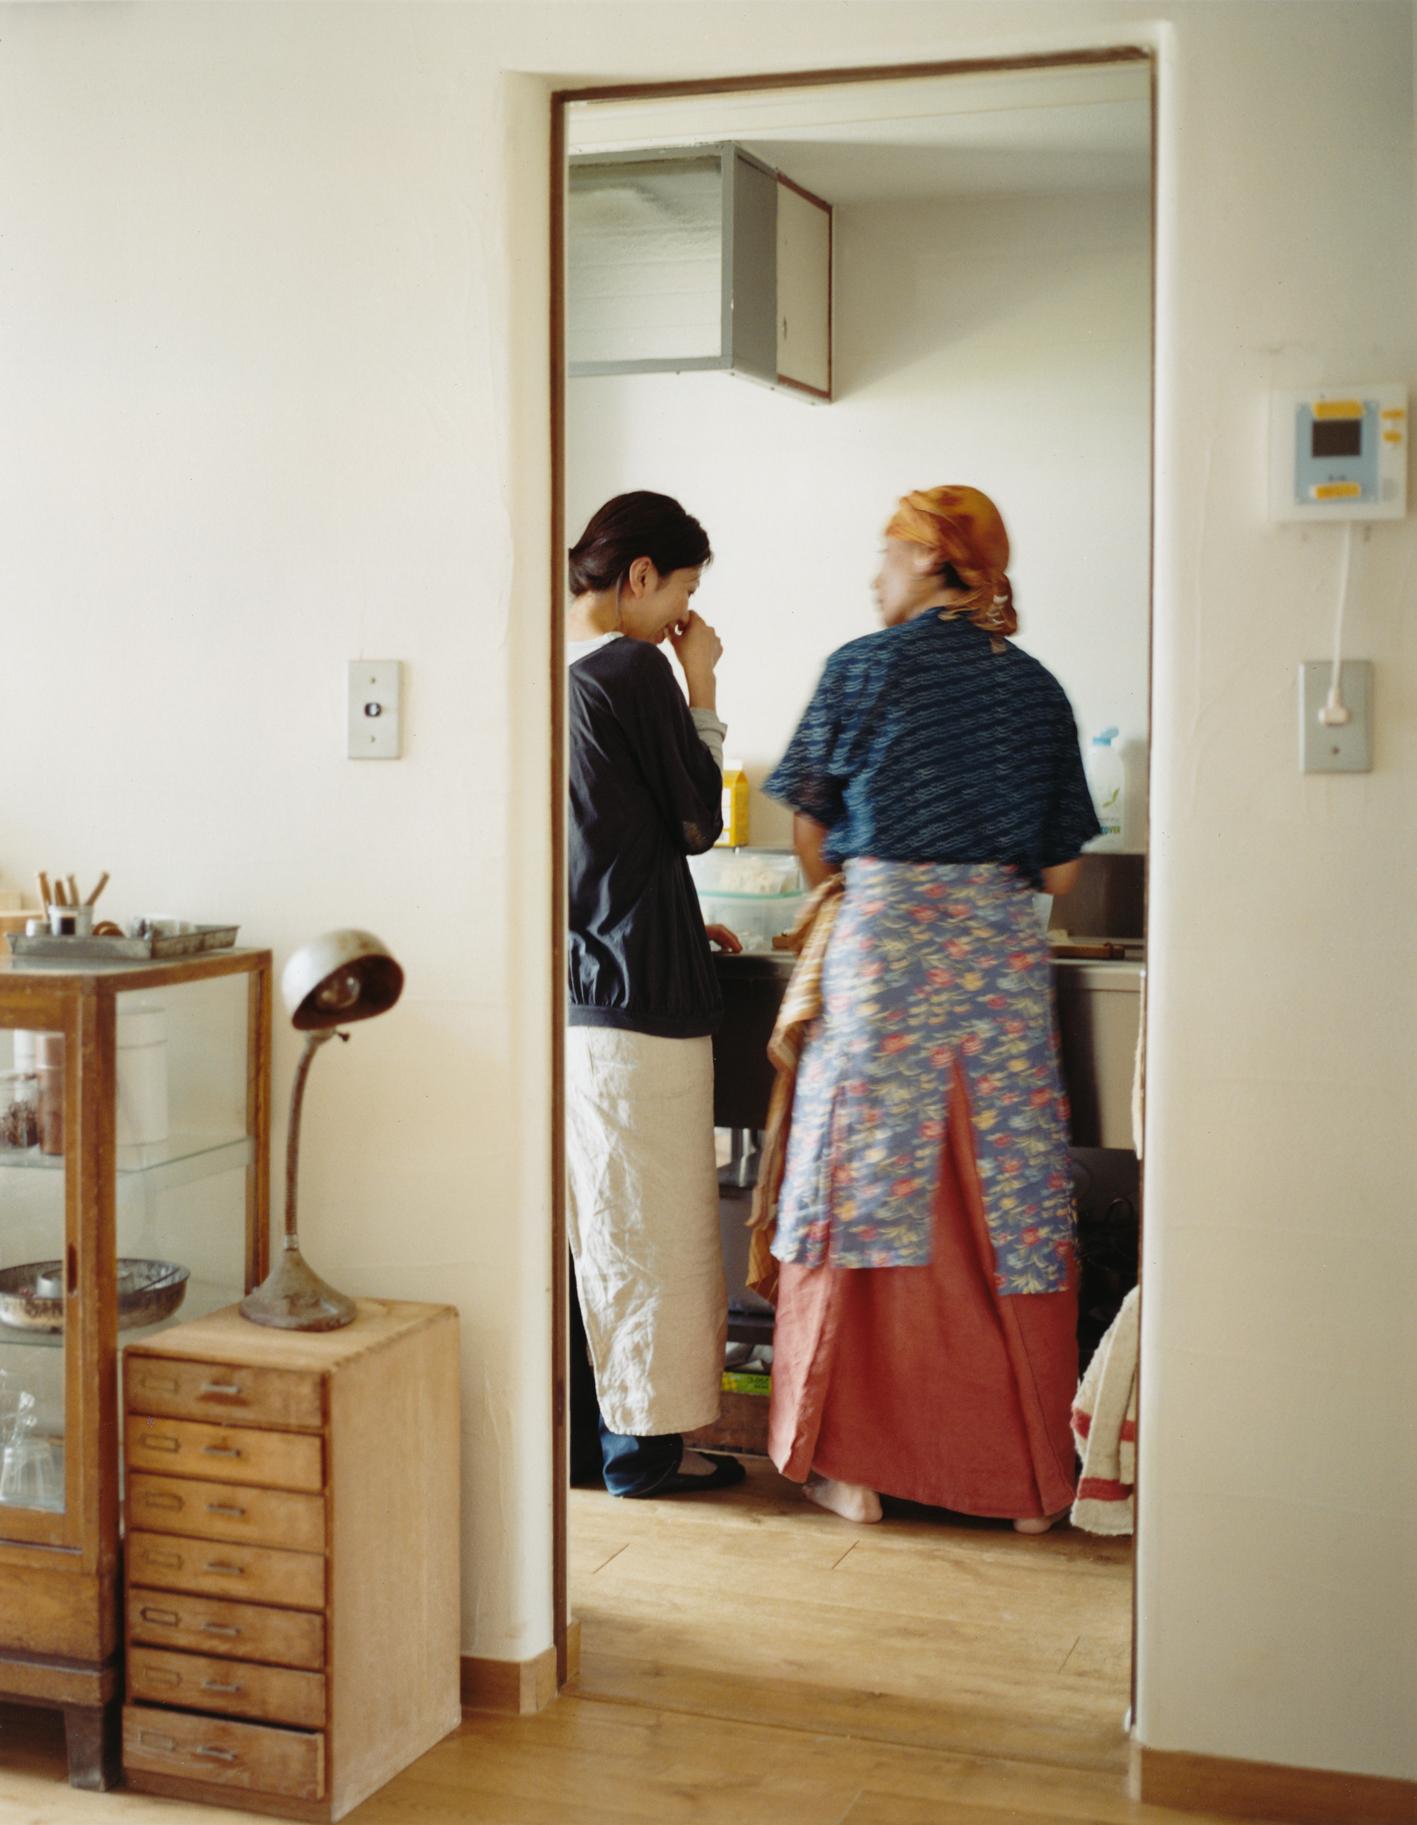 デコ&タマ 玄米食堂/「うかたま」